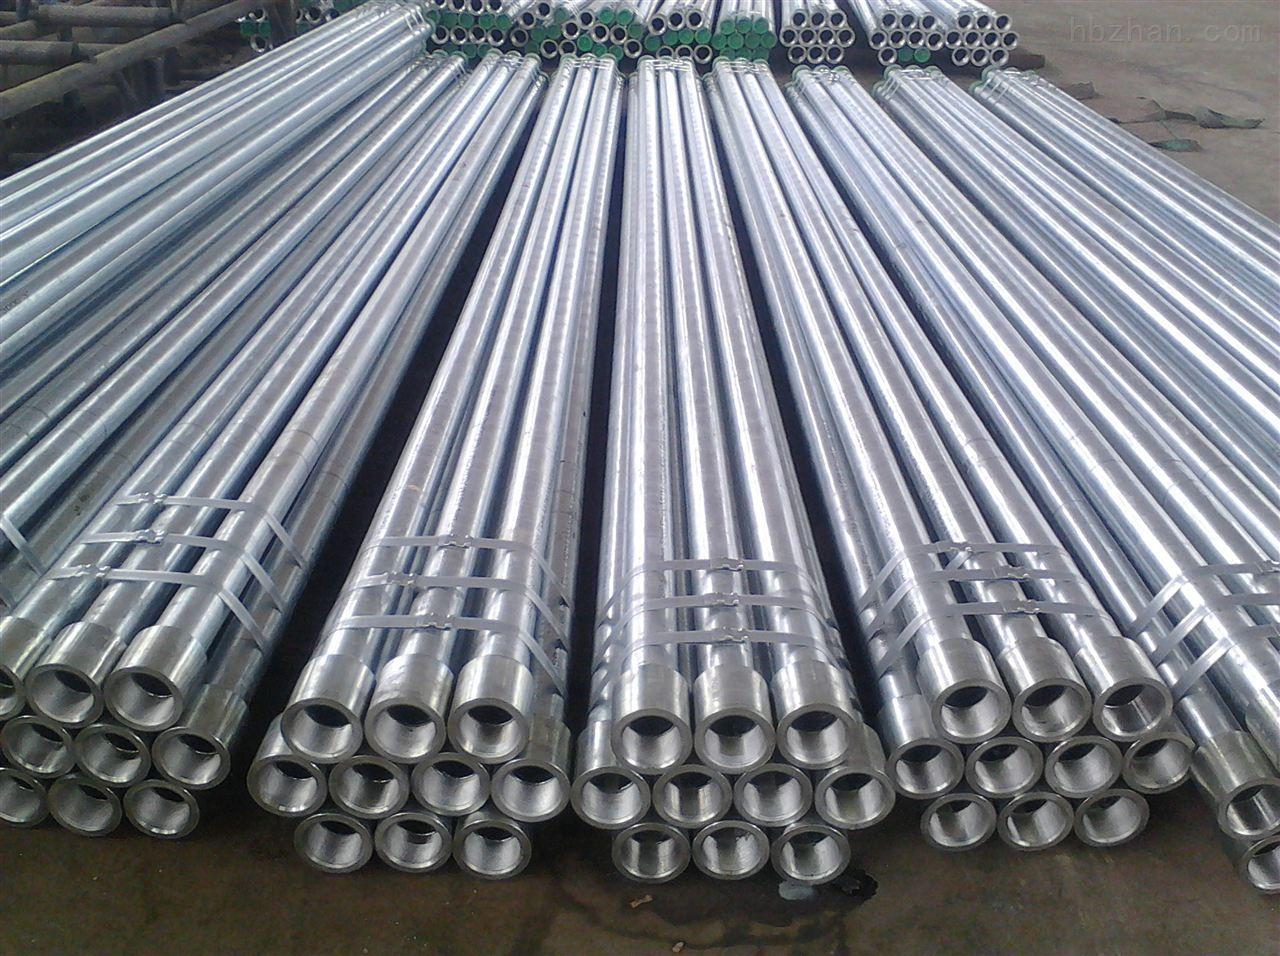 浙江厚壁钢管 创新服务 无锡莱锡钢铁供应